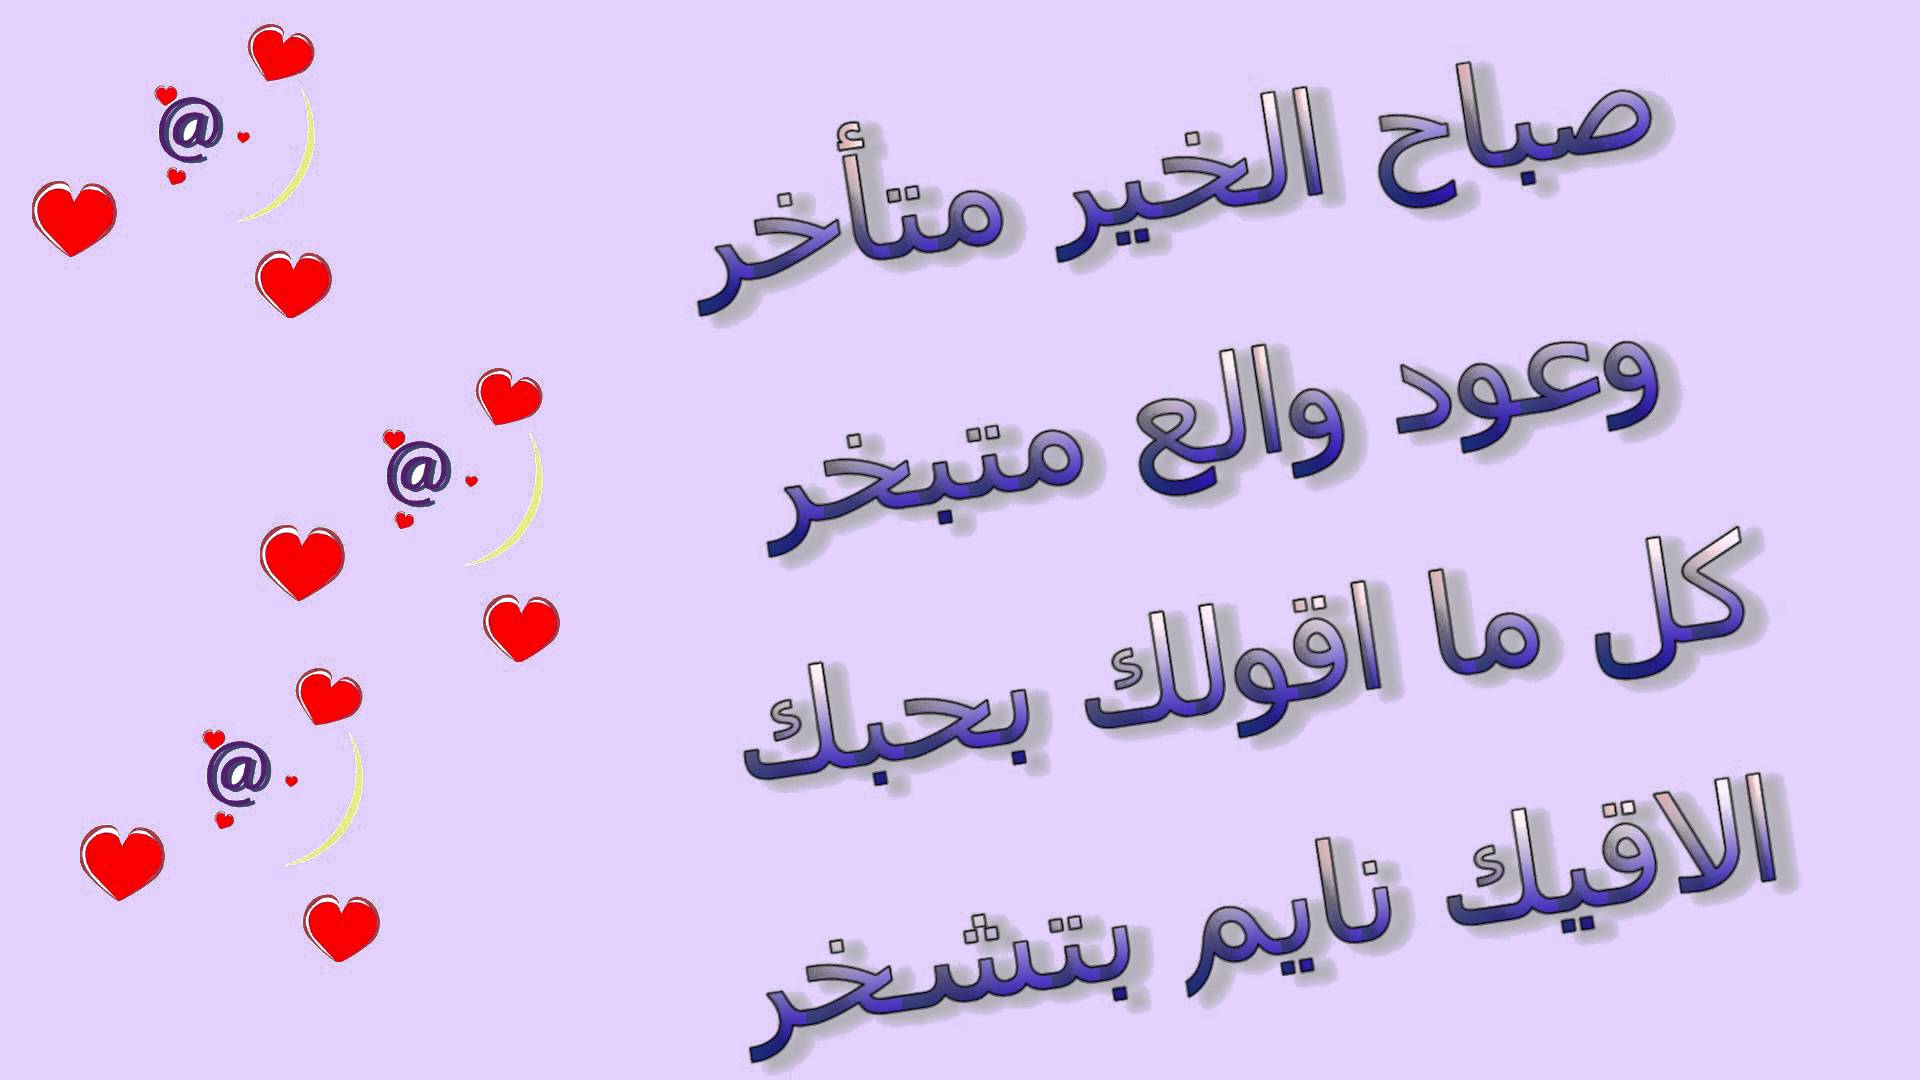 بالصور رسالة صباحية , رسايل صباح روعة 4757 6